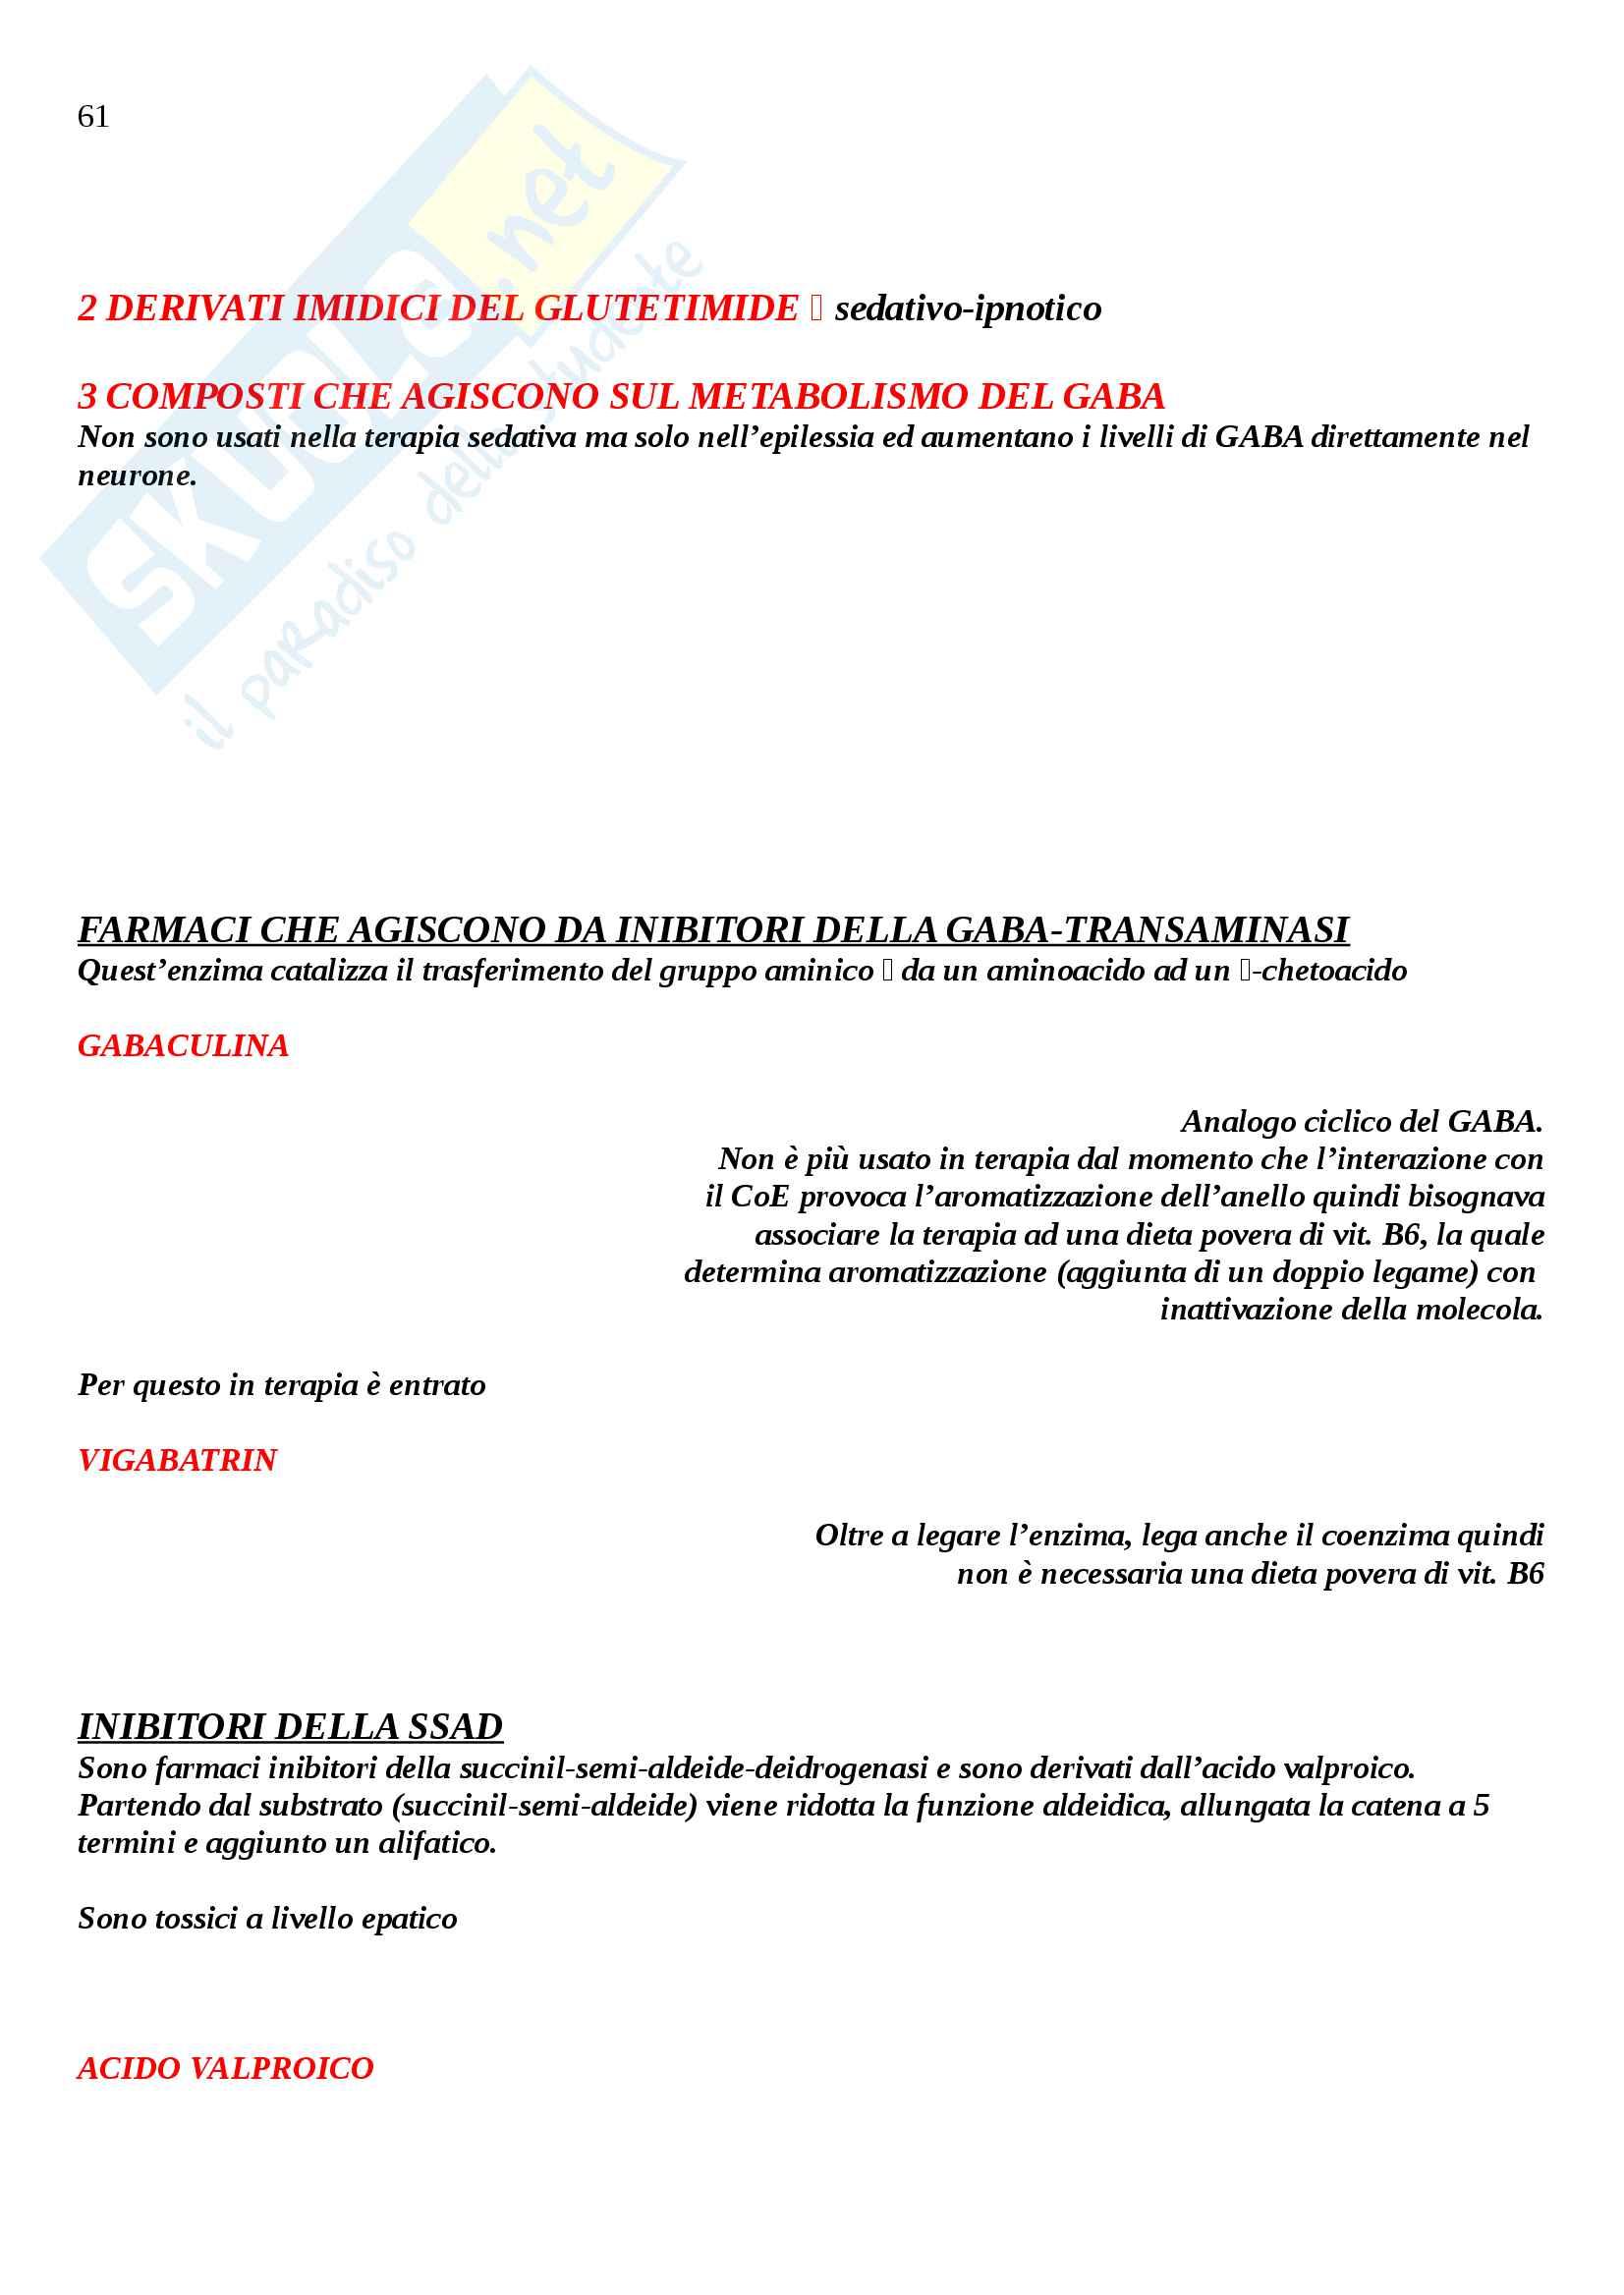 Chimica farmaceutica 2 Pag. 61